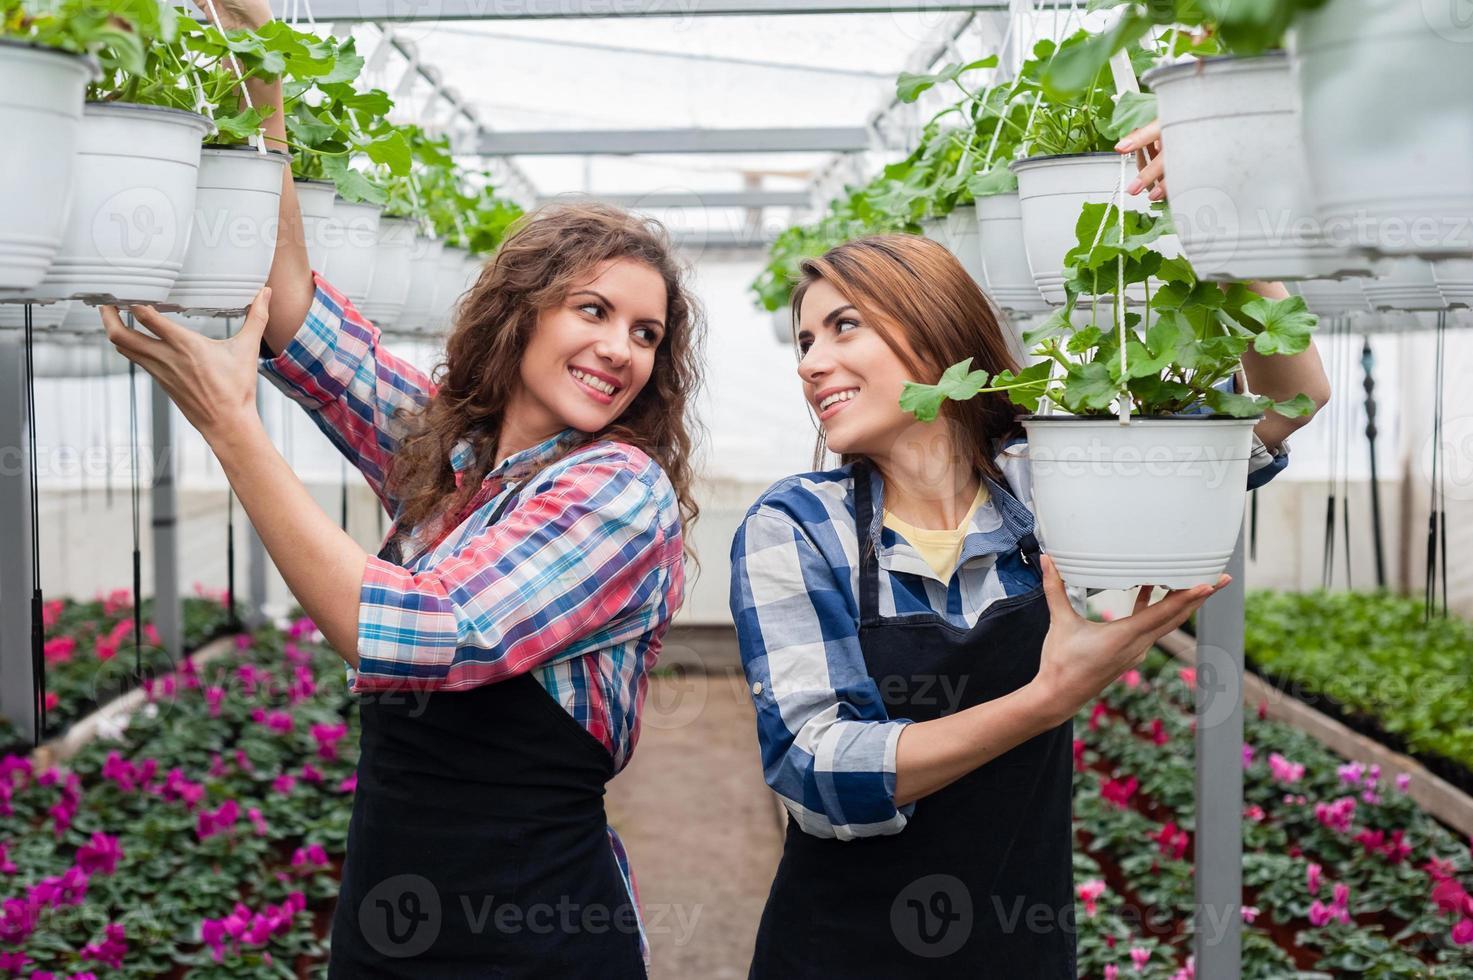 blomsterhandlare kvinnor i växthus. foto